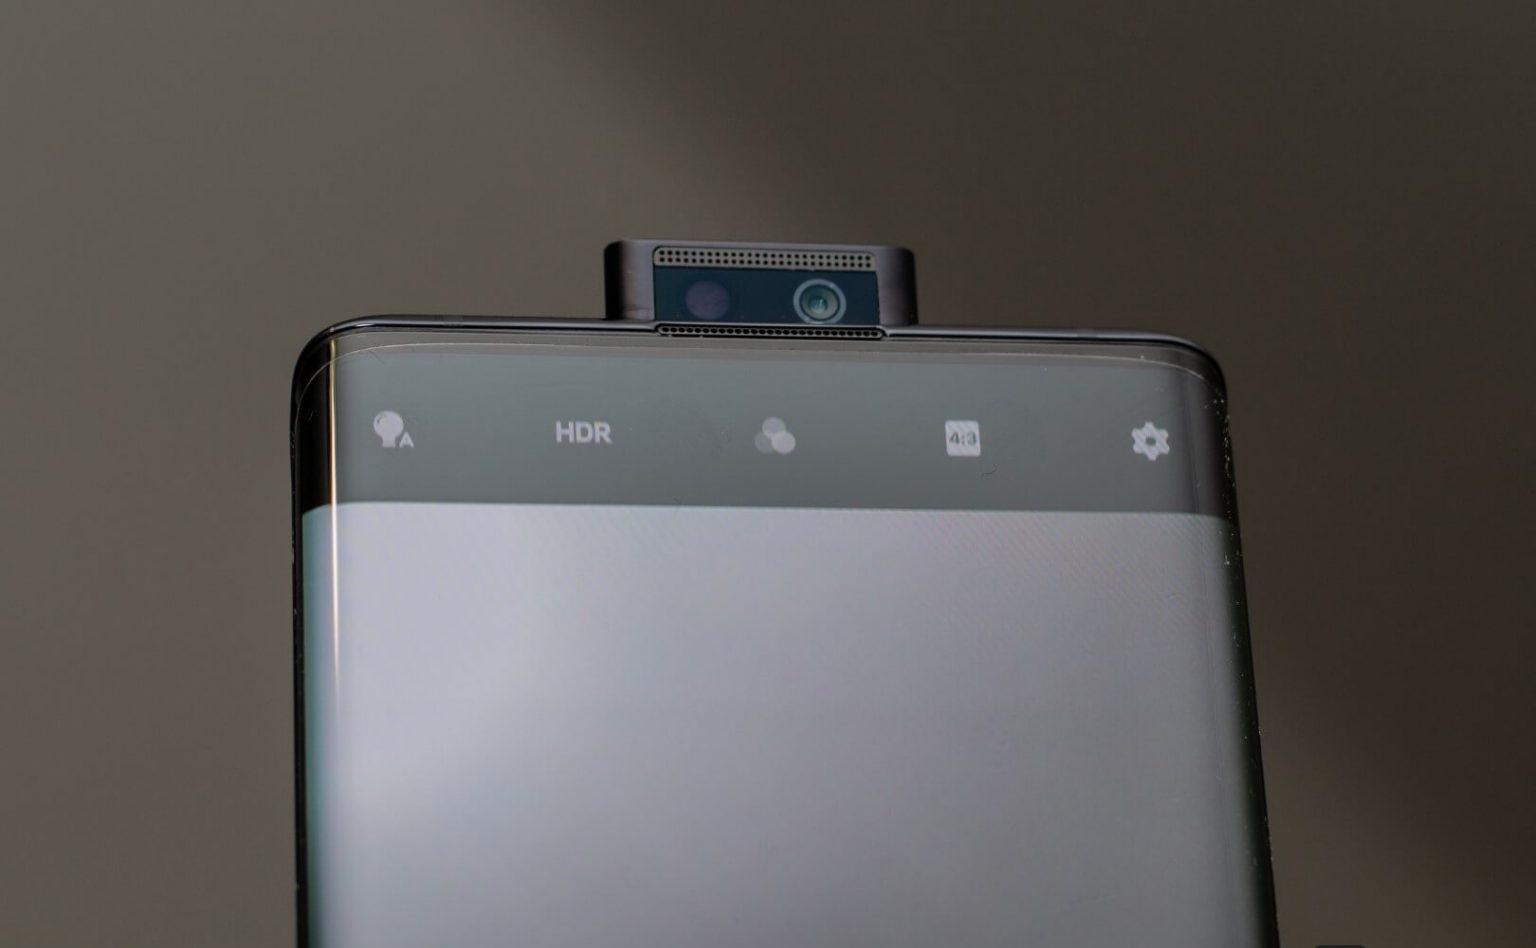 vivo-nex-3-popup-camera-1536x1024